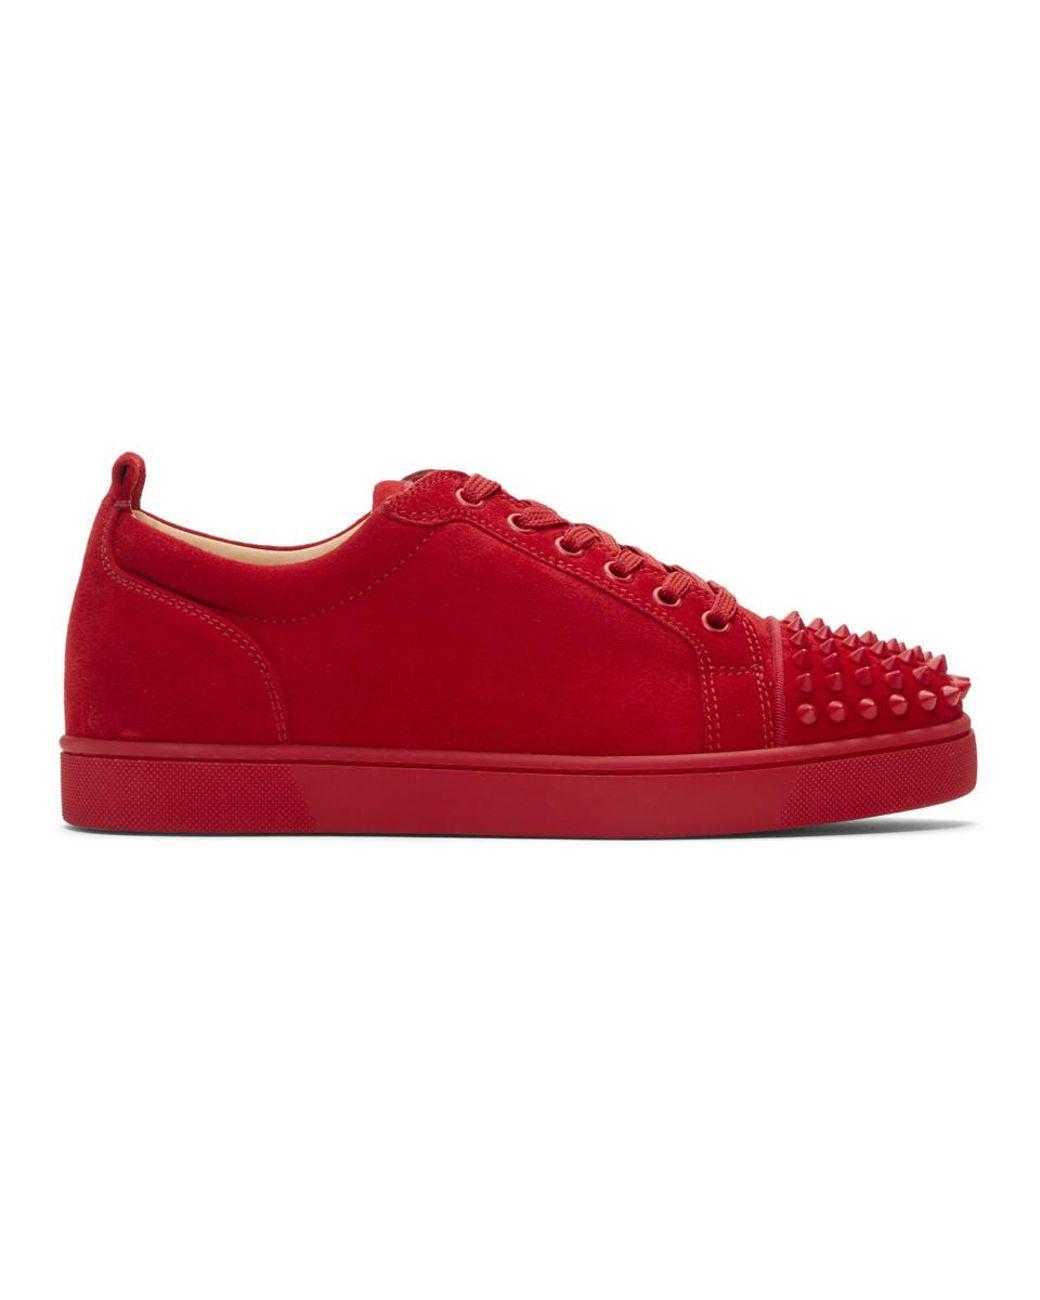 buy popular 2b66c 65ed8 Men's Red Suede Louis Junior Spikes Sneakers